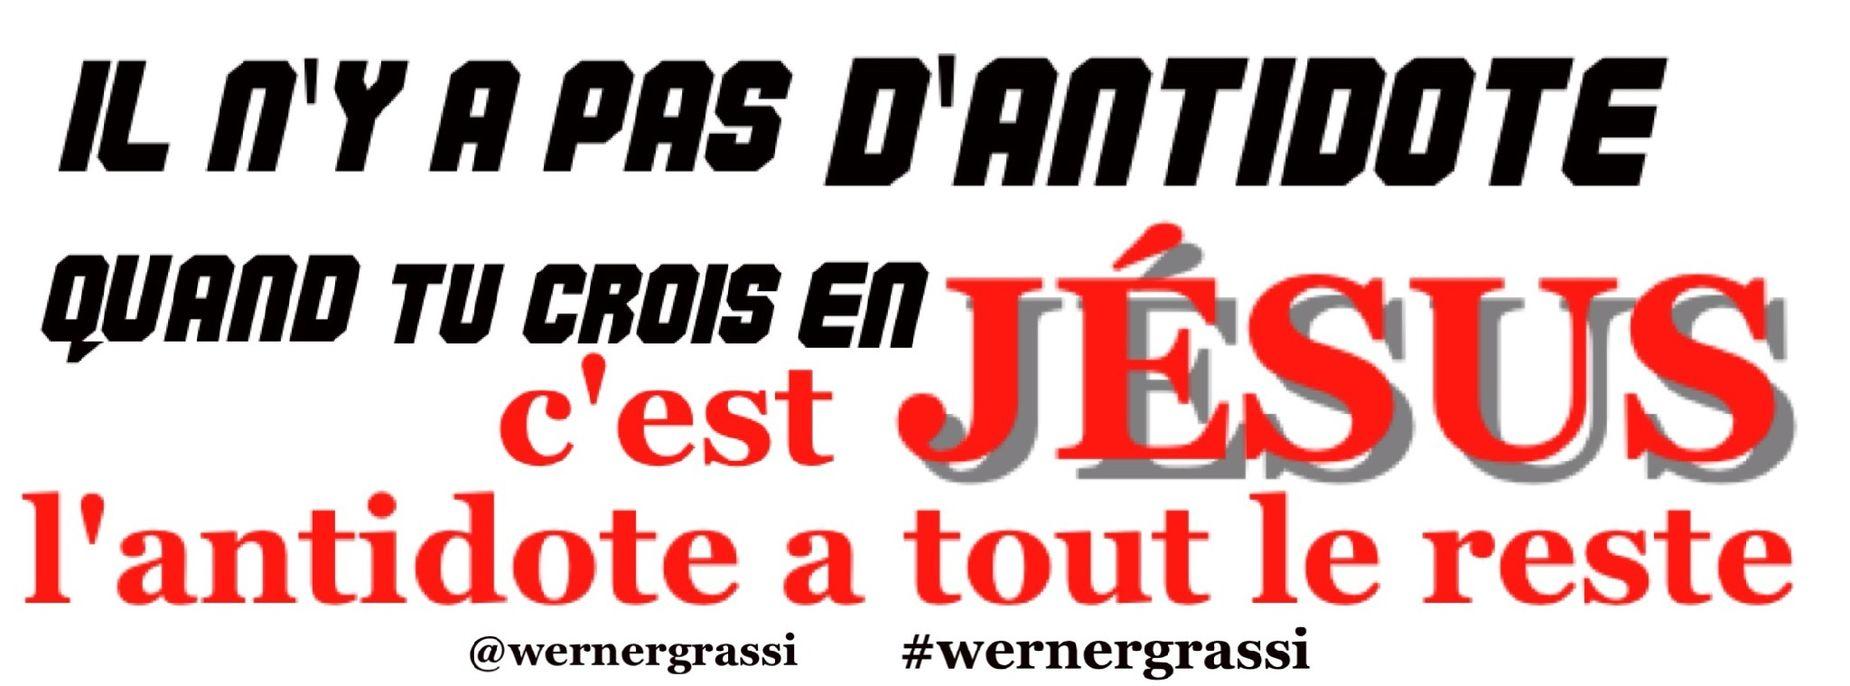 Jesus Wernergrassi Chretiens Bible Chretien Dieu  Jesus Christ